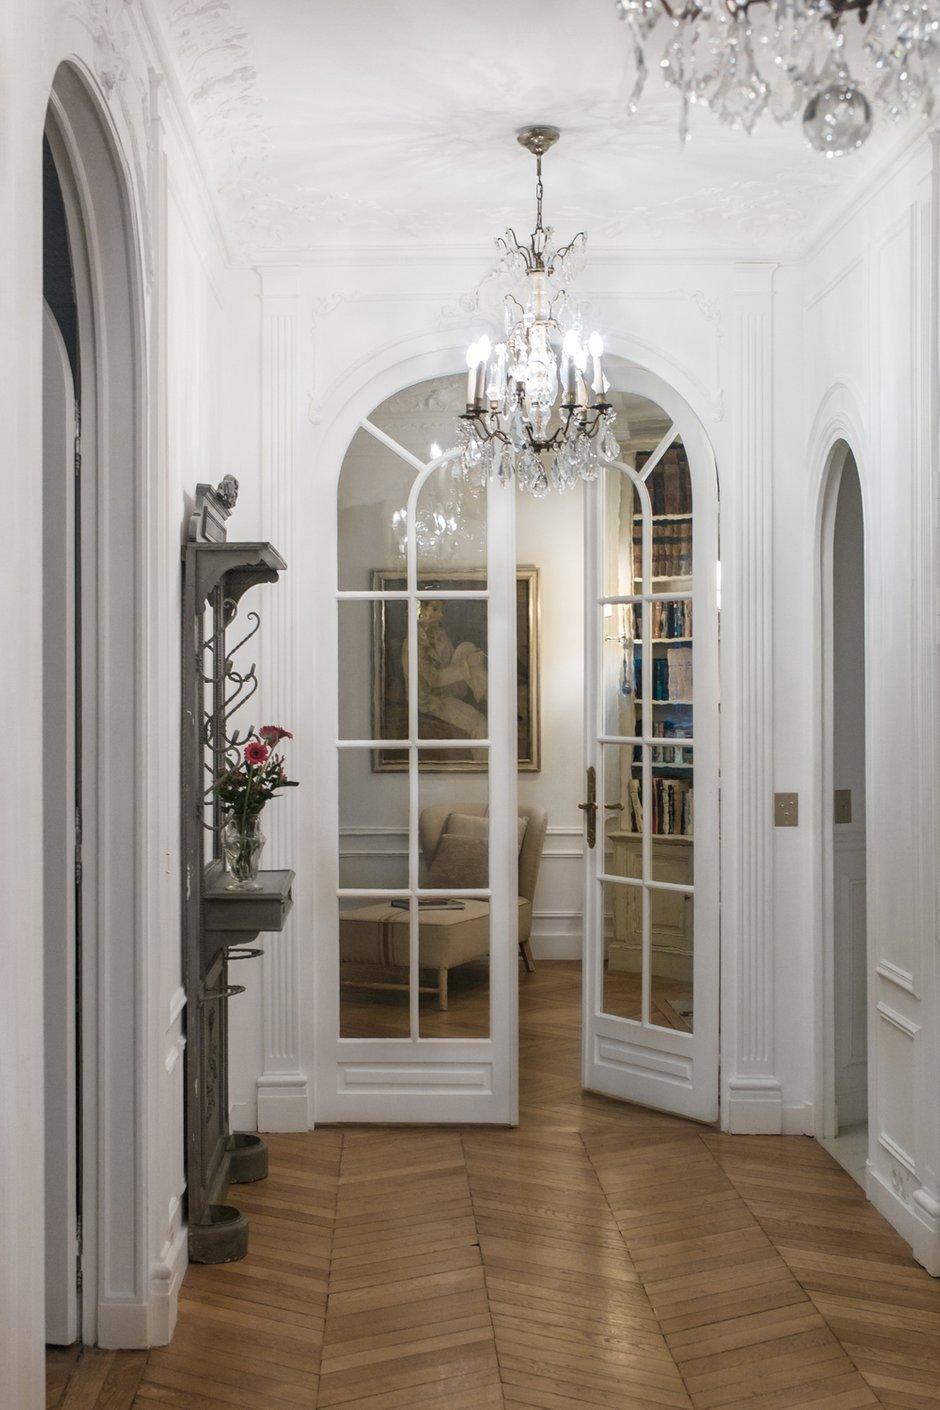 Фотография: Прихожая в стиле Прованс и Кантри, Классический, Квартира, Антиквариат, Белый, Проект недели, Париж, Бежевый, ИКЕА, антикварная мебель в интерьере, Более 90 метров, #эксклюзивныепроекты, Катя Гердт – фото на INMYROOM